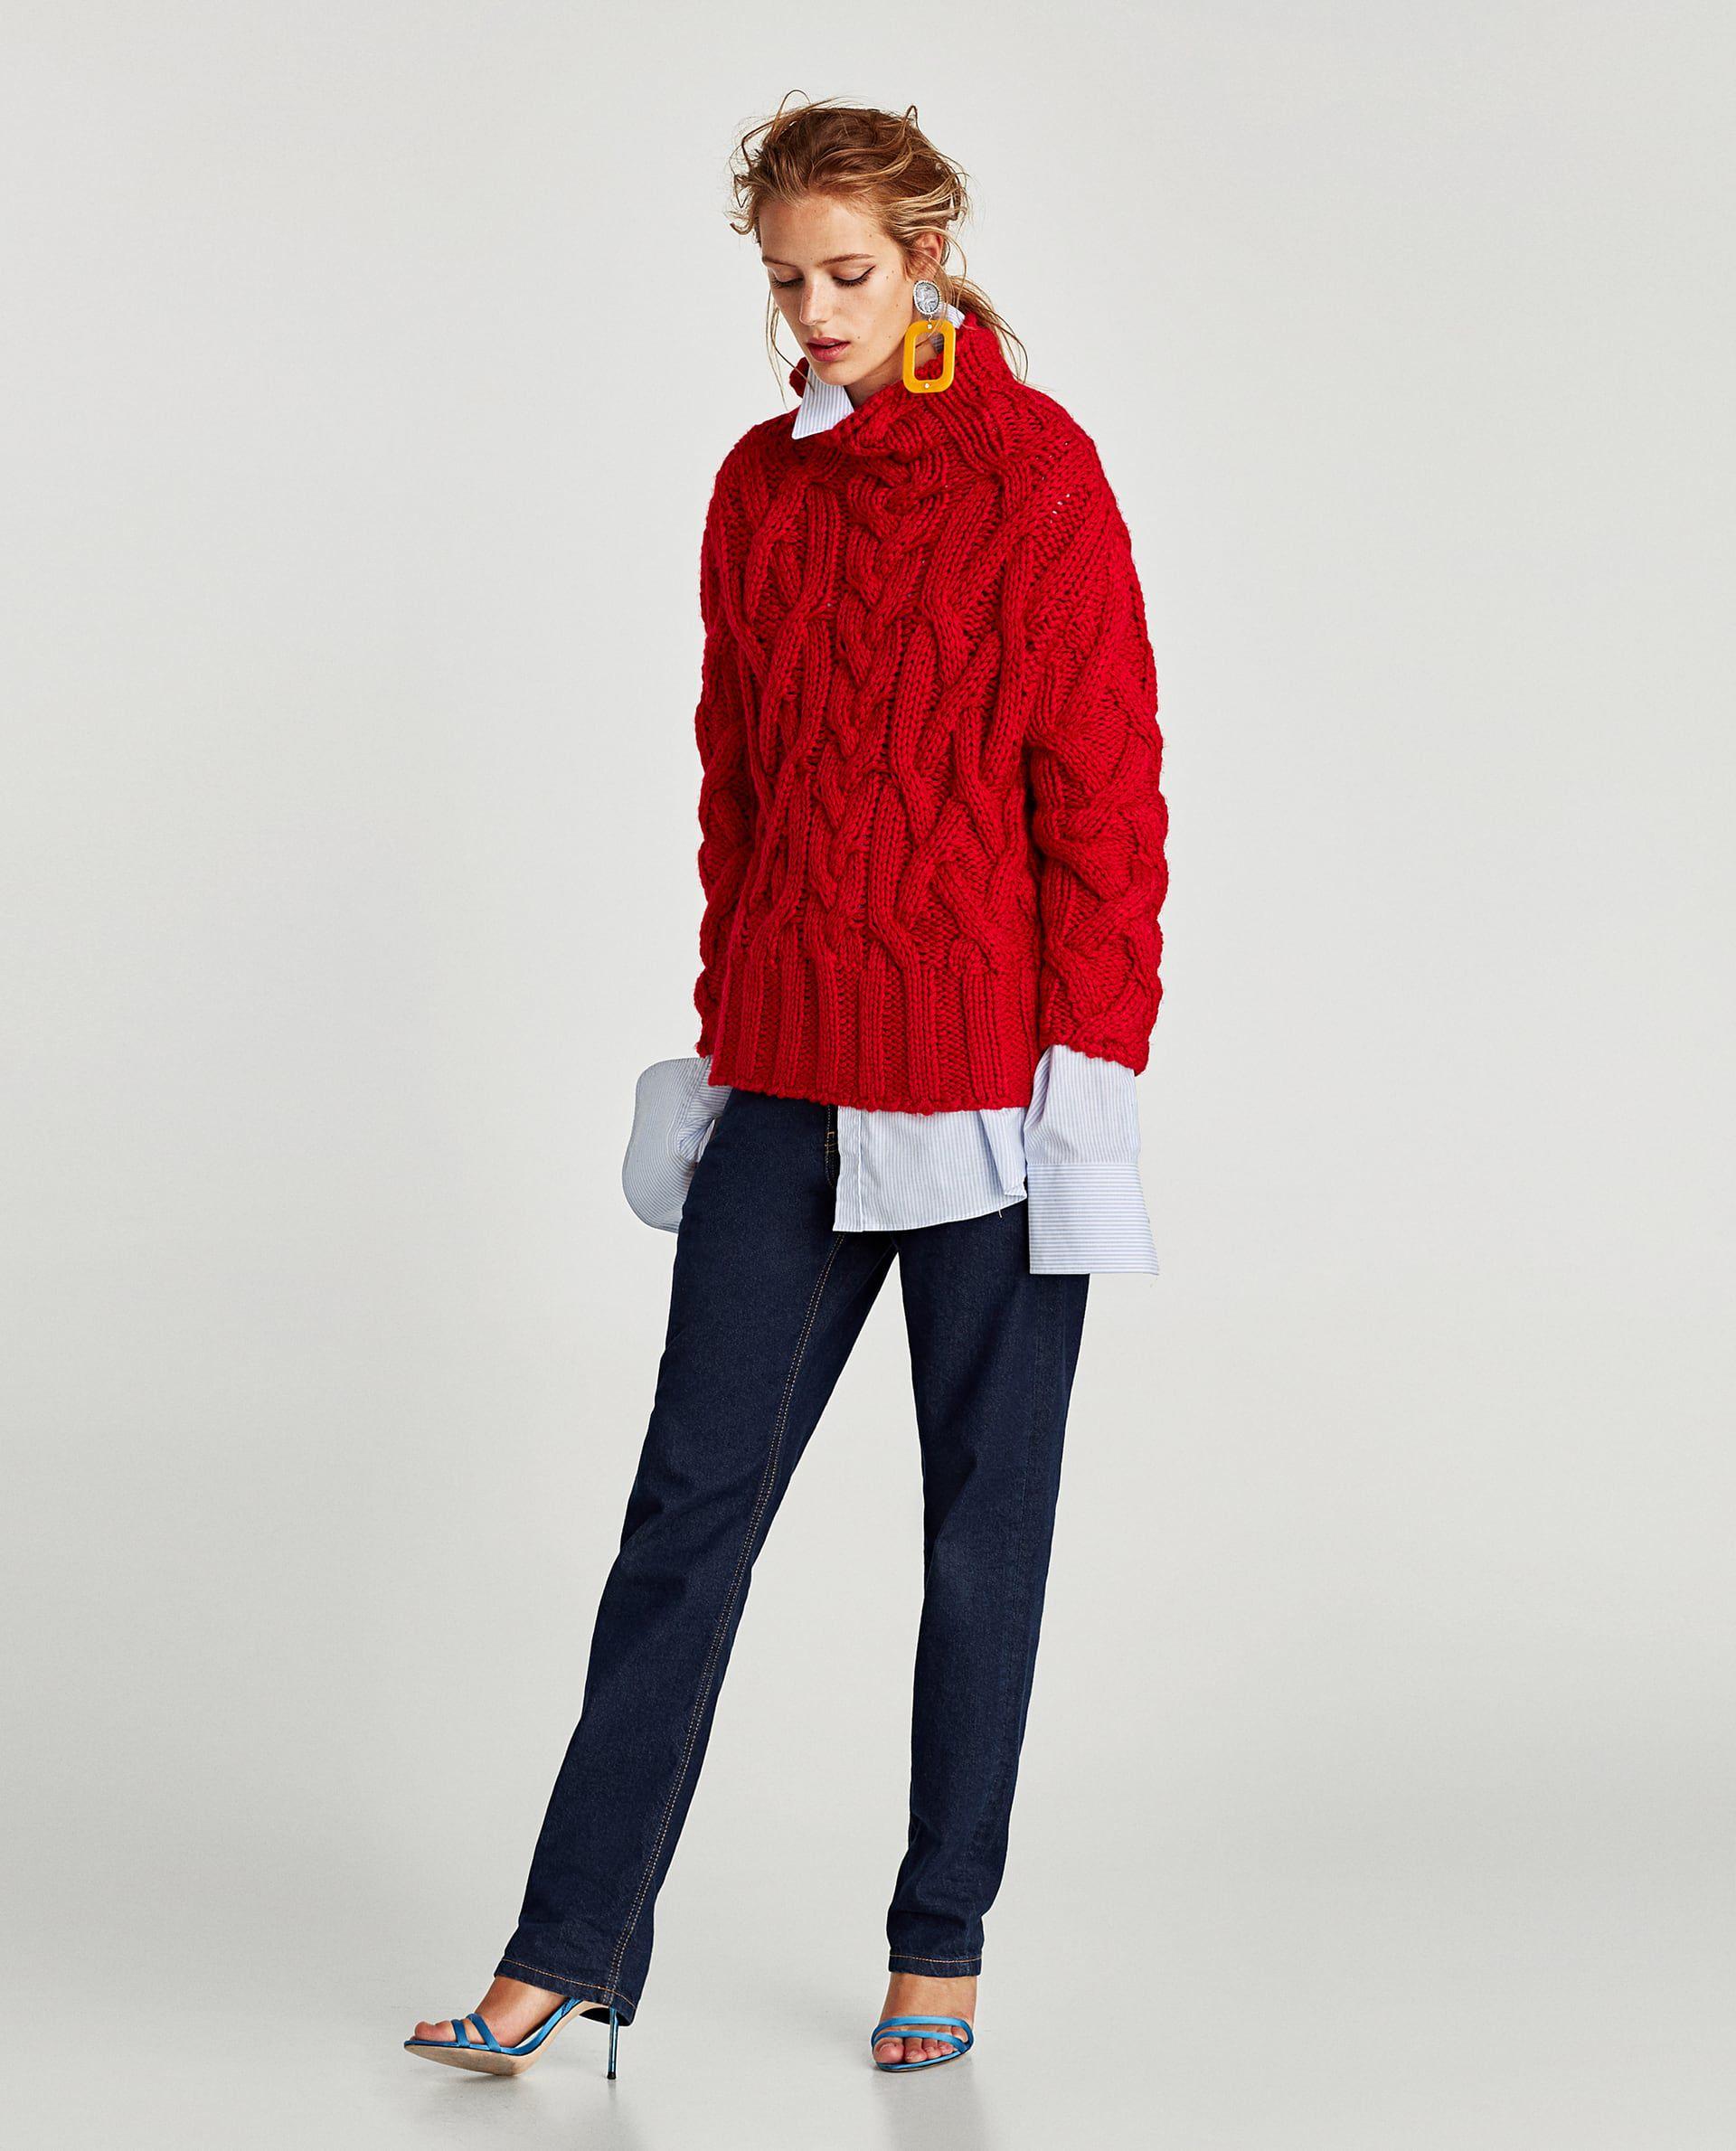 Crveni džemper je sve što vam treba ove sezone